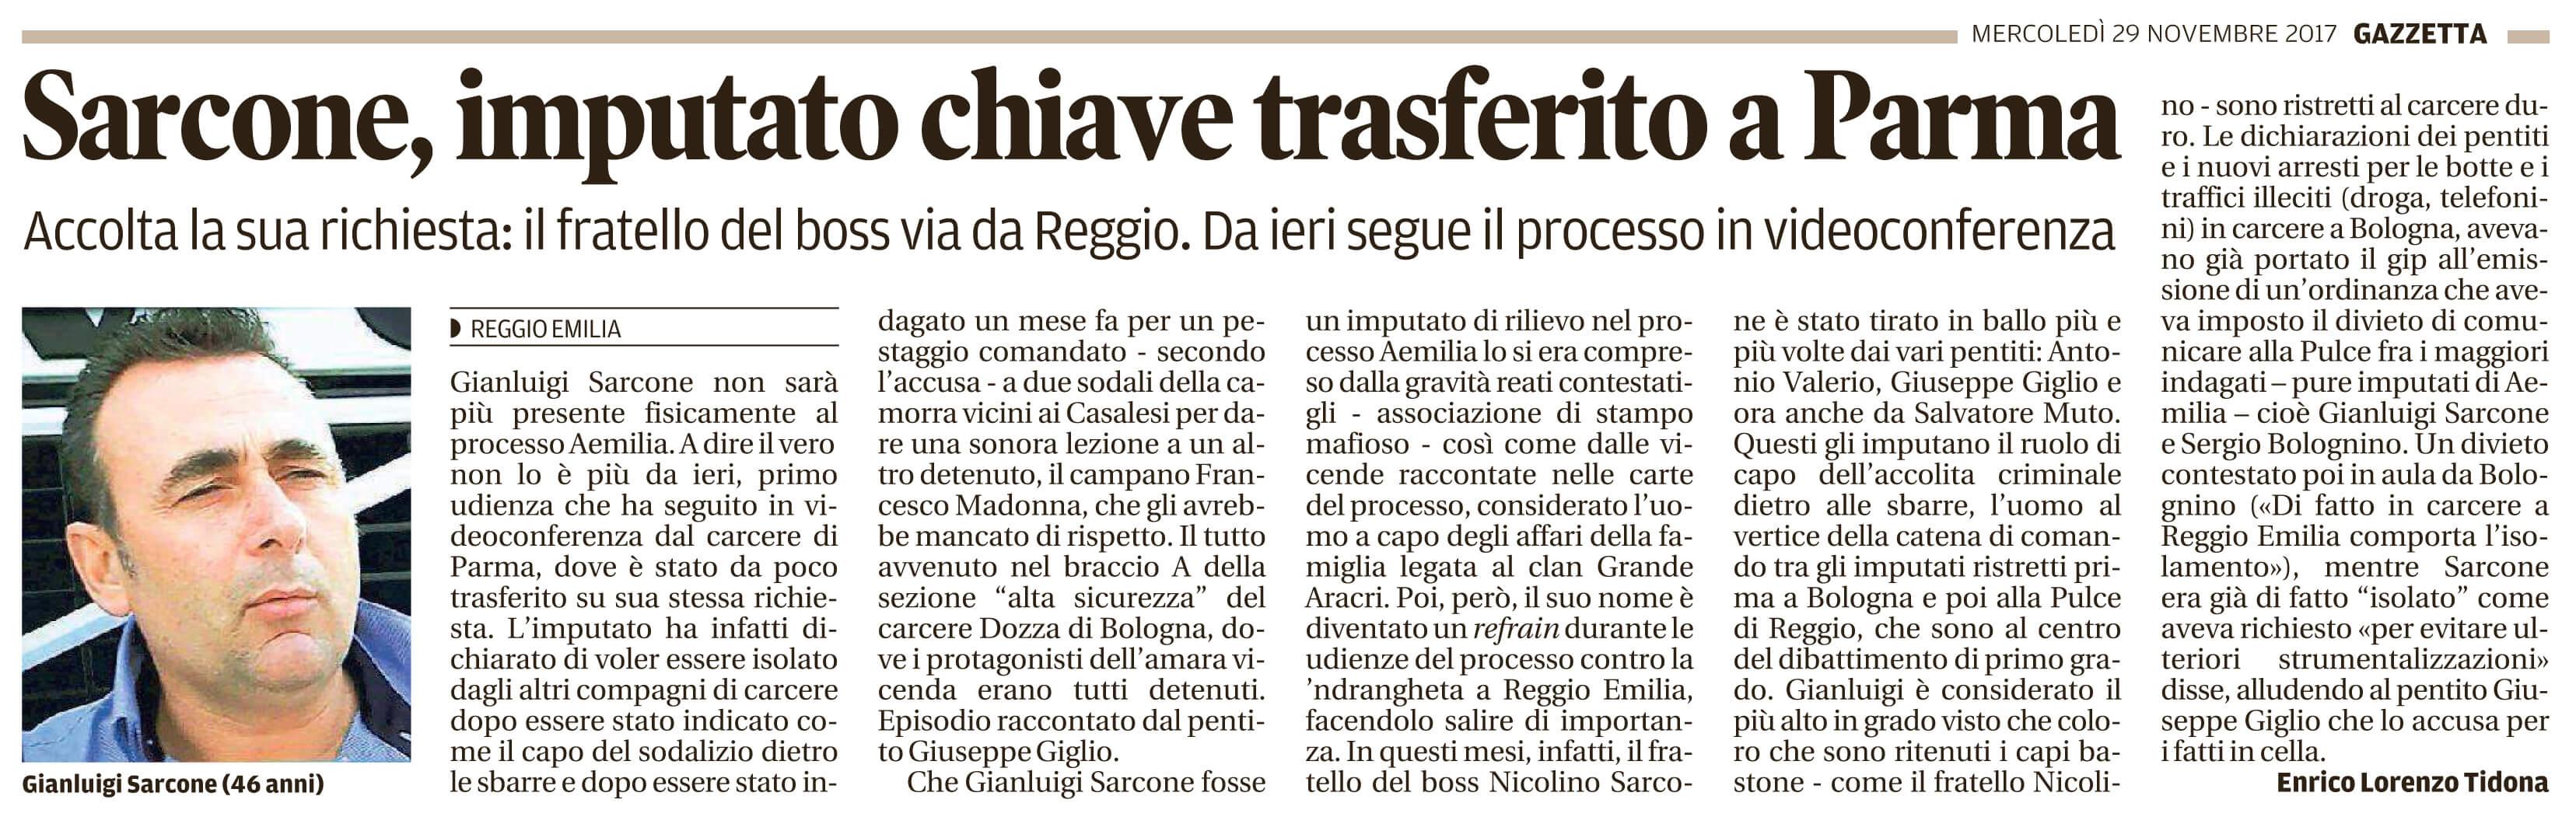 Sarcone trasferito a Parma